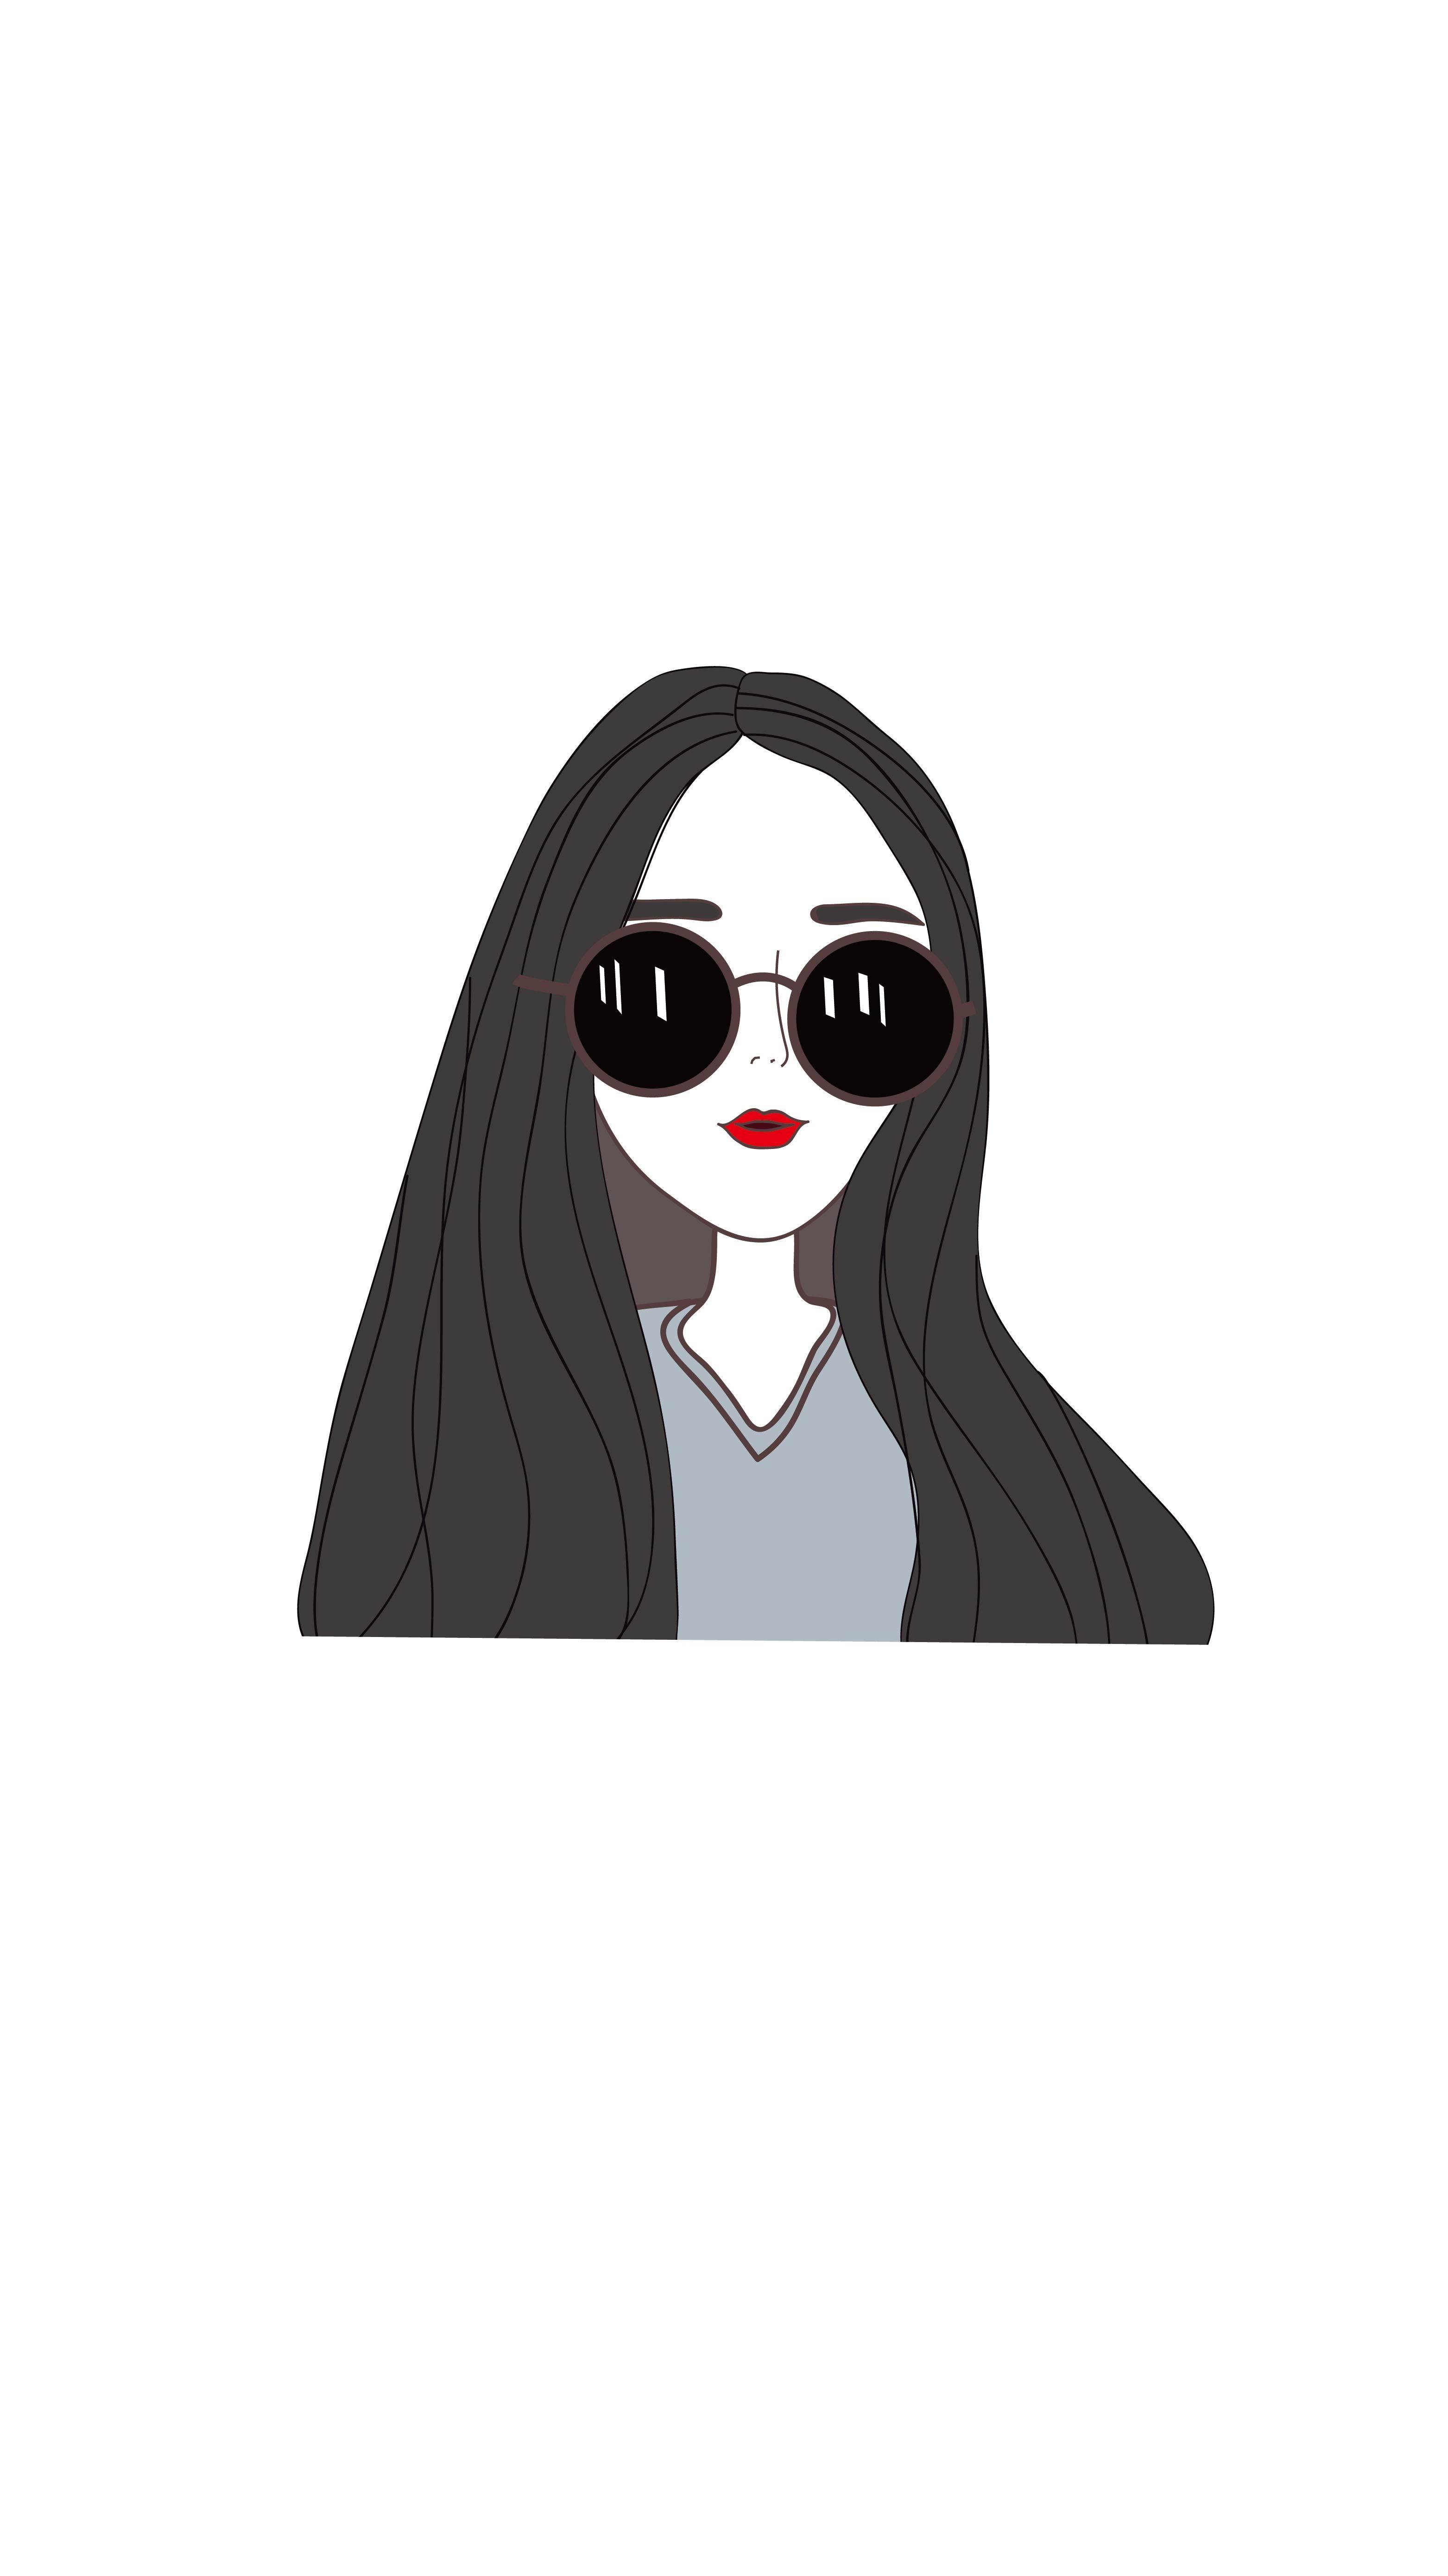 戴眼镜的人物插画